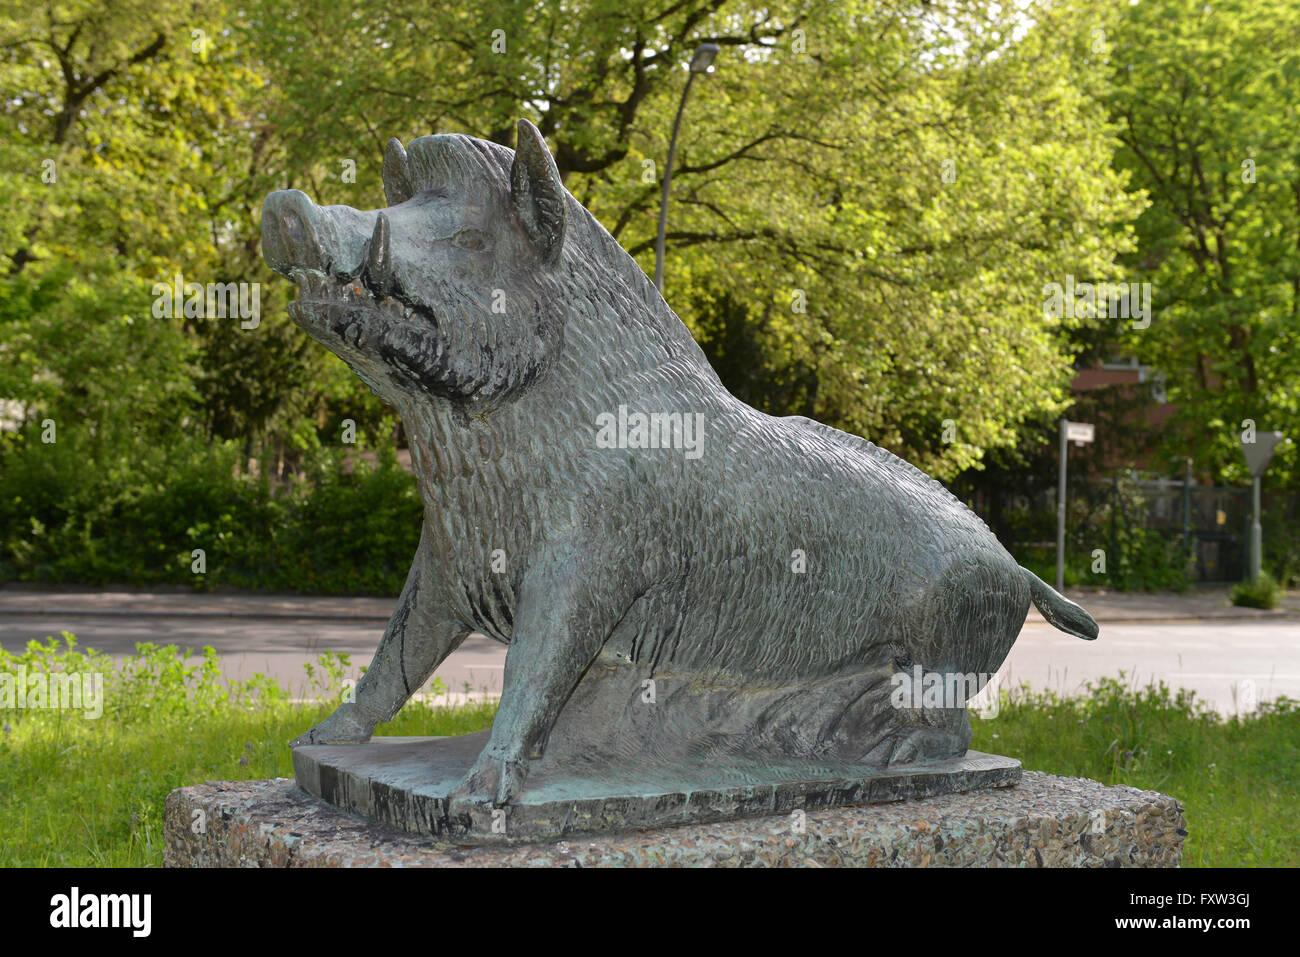 Bronzeplastik, Wildschwein, Platz am Wilden Eber, Schmargendorf, Wilmersdorf, Berlin, Deutschland - Stock Image